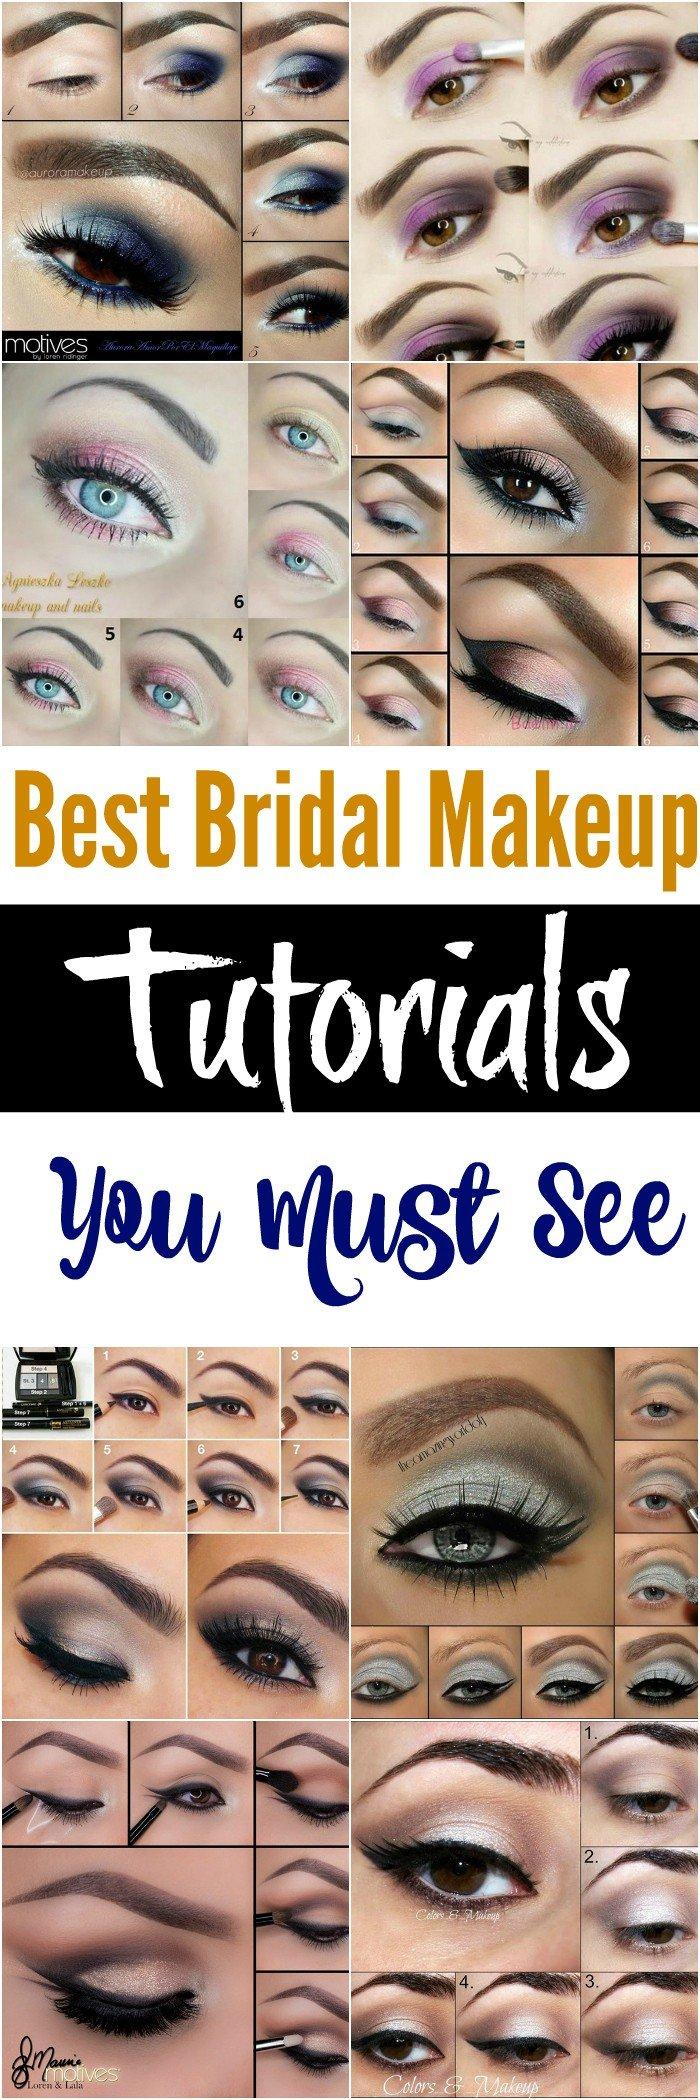 Makeup Tutorial for Bridal